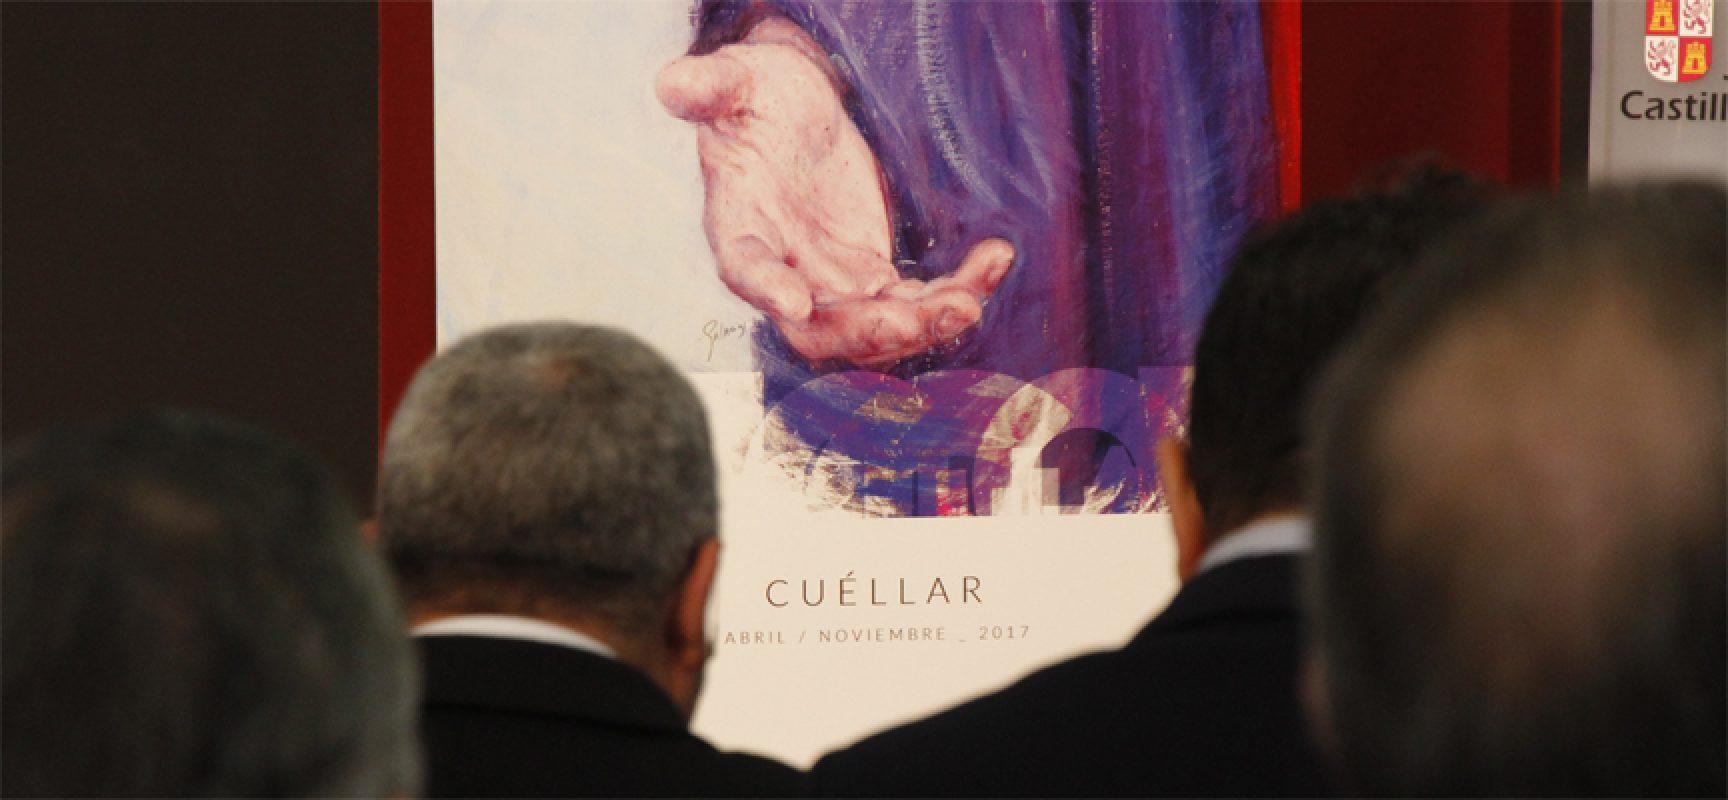 La Fundación Las Edades del Hombre presentará oficialmente el lunes en Cuéllar `Reconciliare´